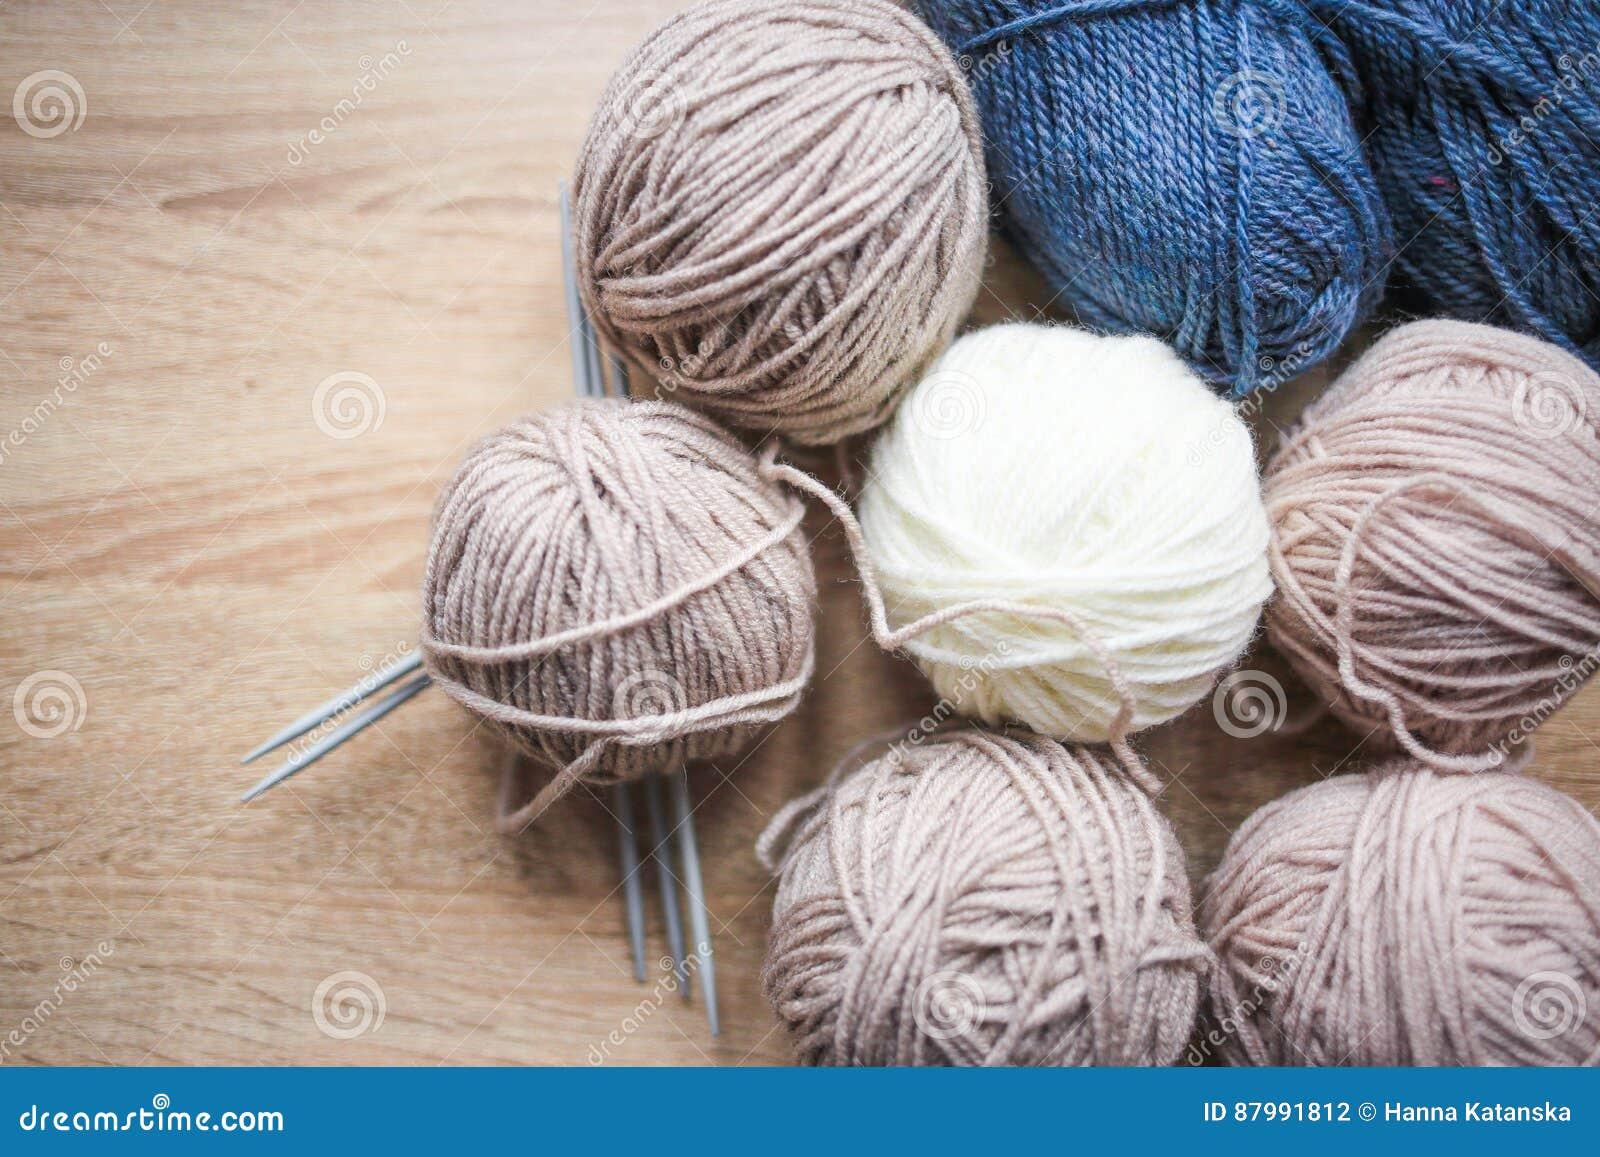 El hilado de las agujas que hacen punto, del beige, blanco y azul está en la tabla